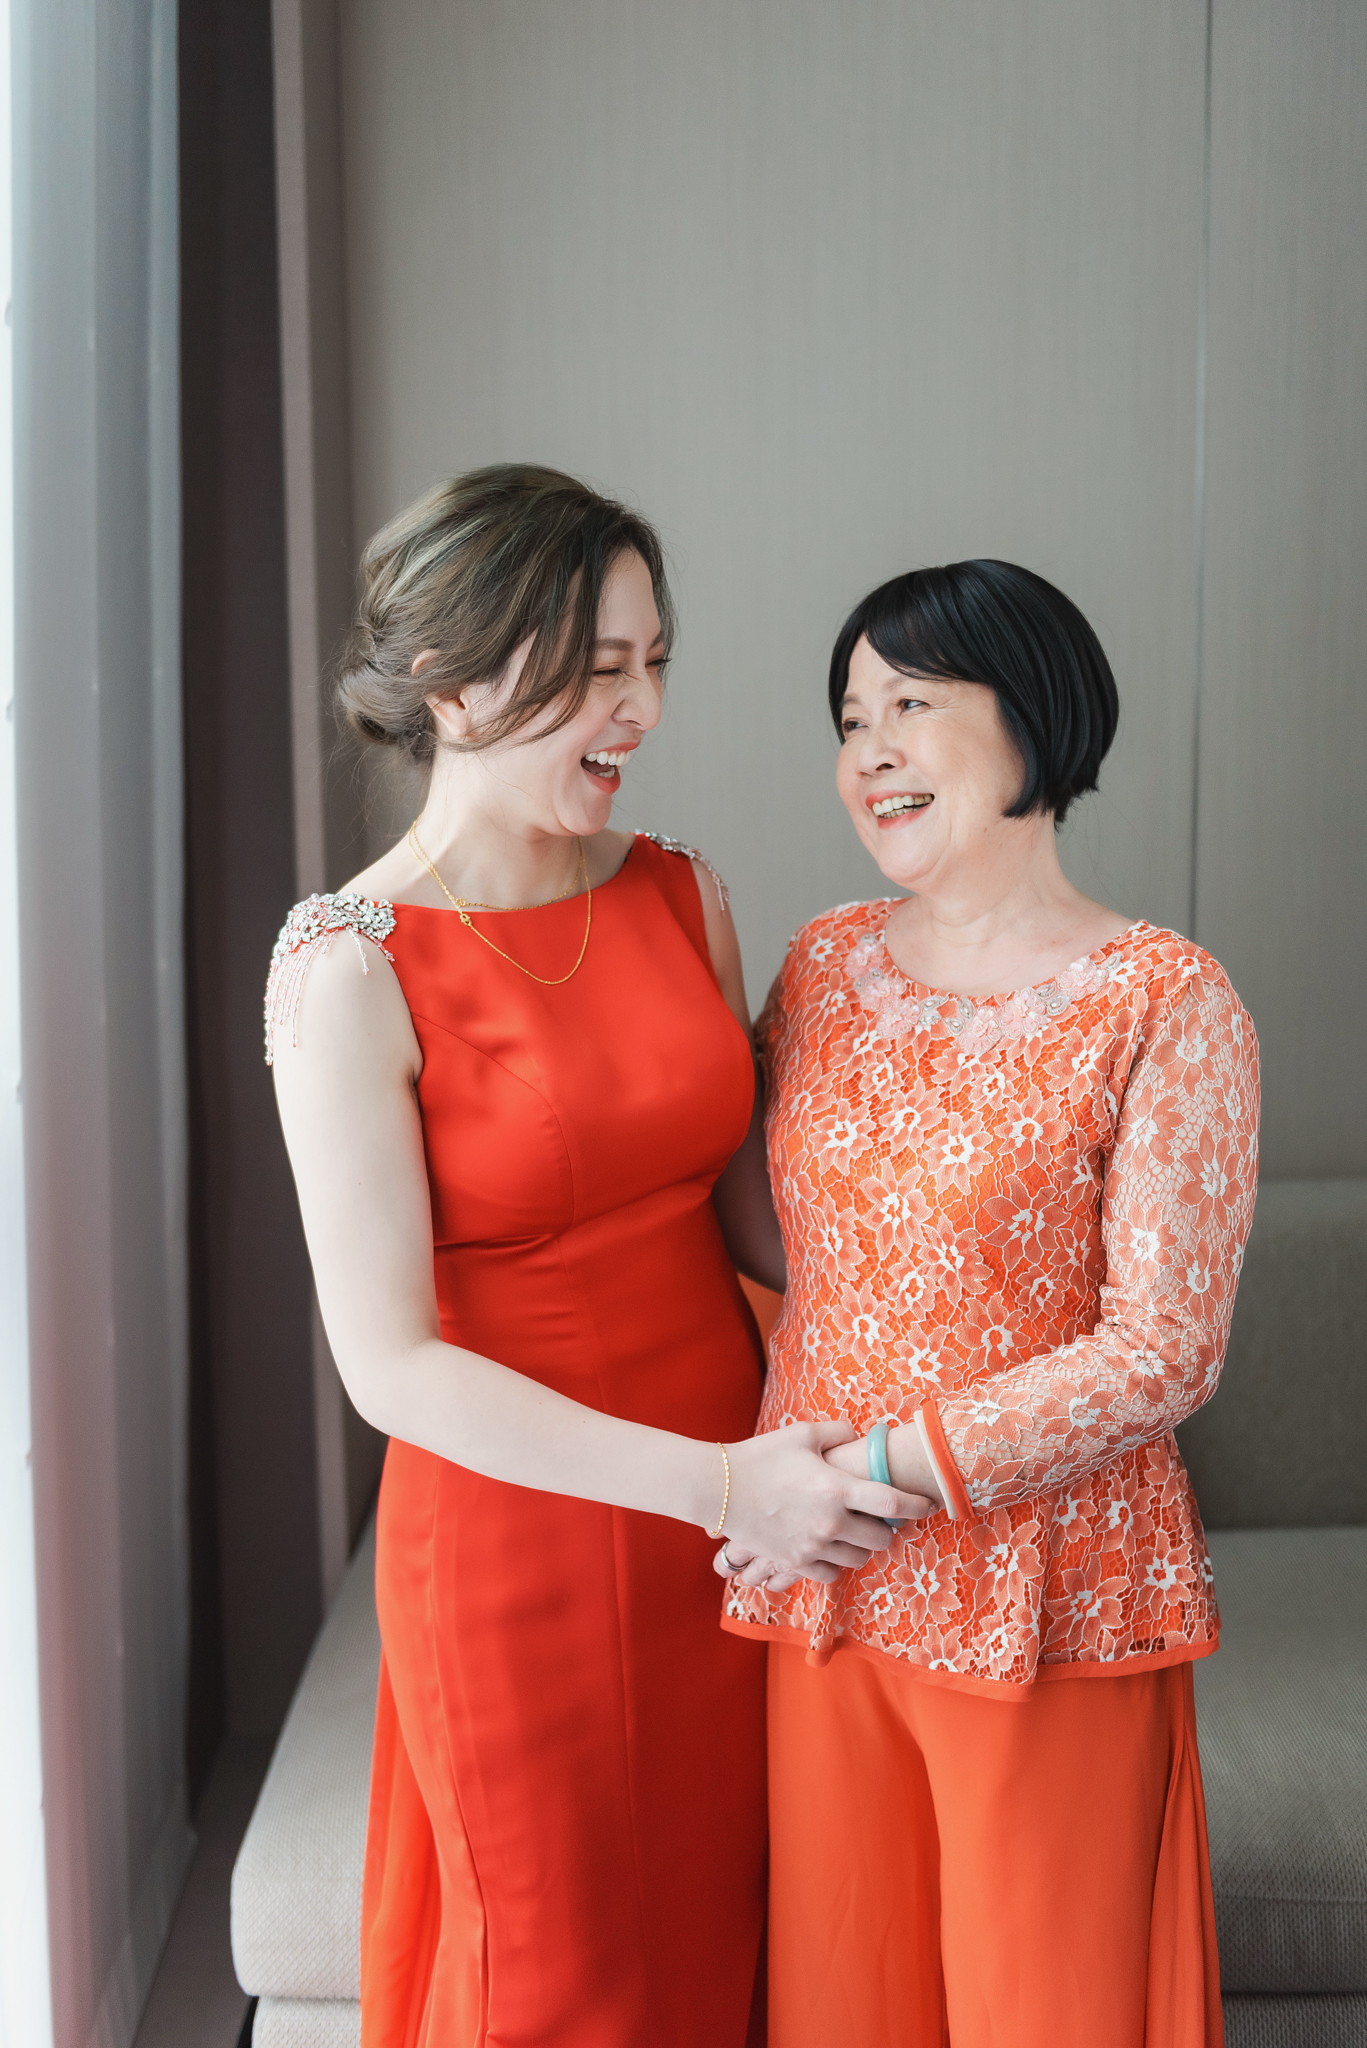 [婚禮紀錄-Yozi]2020.10.24台北新板希爾頓酒店